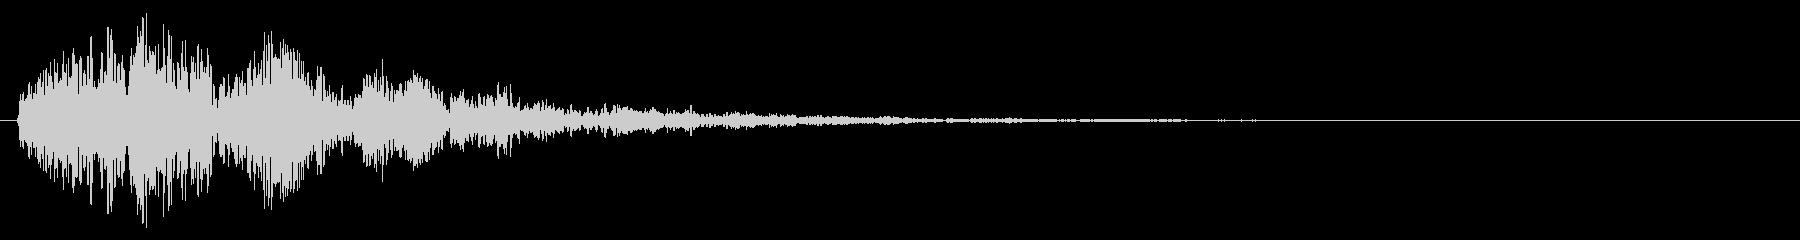 バネ音(シンセ音、近未来的)の未再生の波形